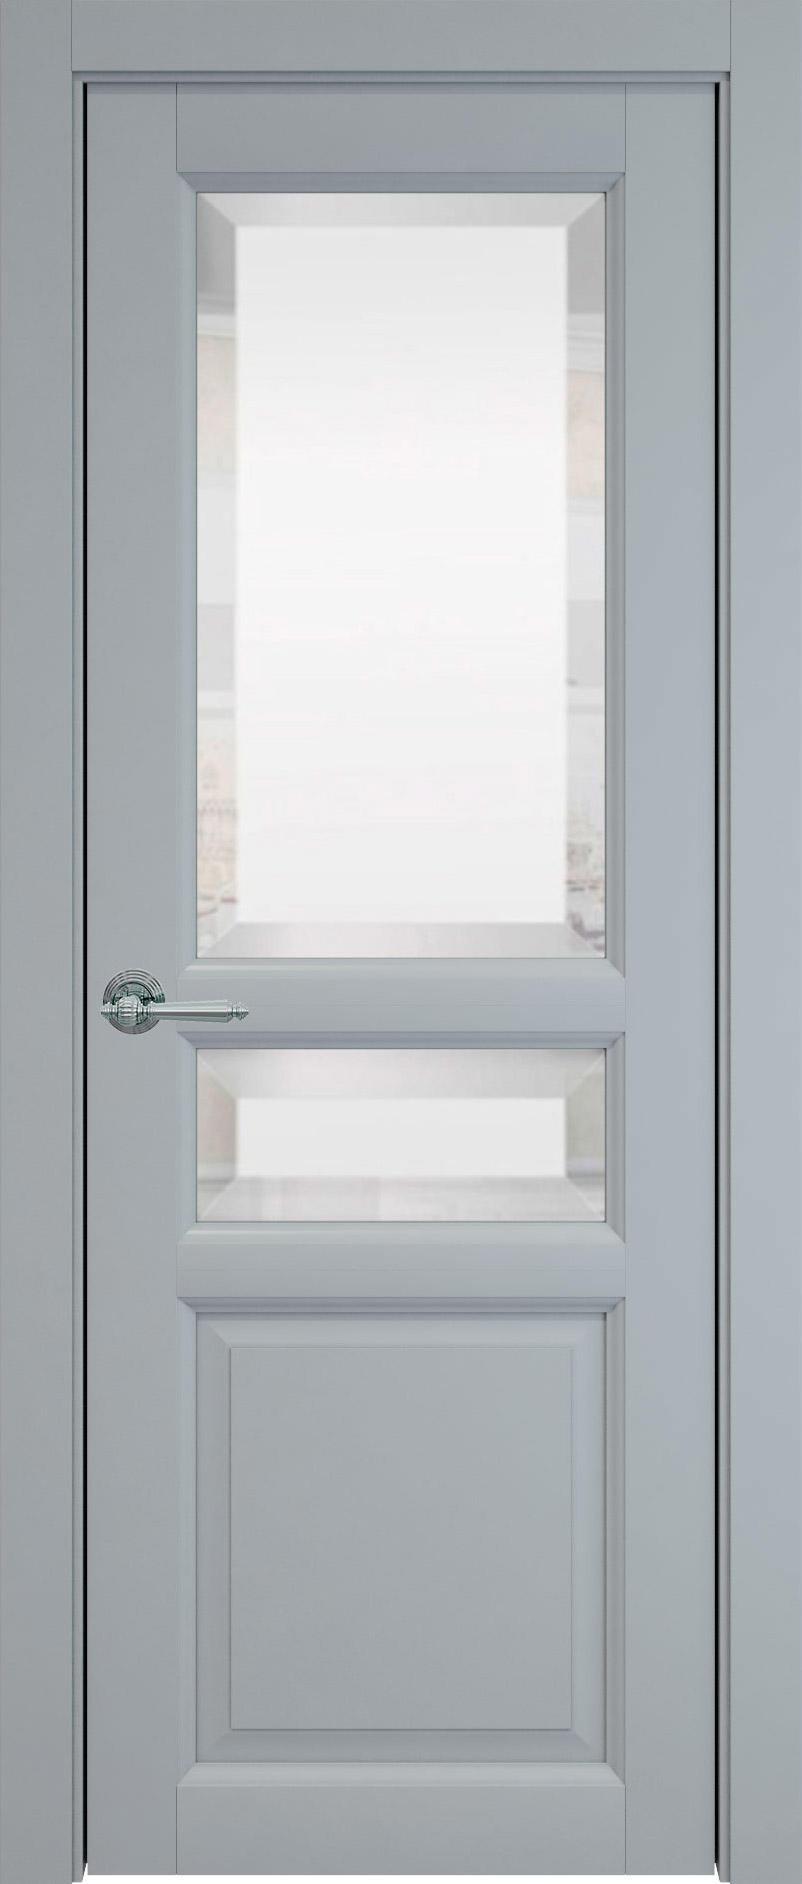 Imperia-R цвет - Серебристо-серая эмаль (RAL 7045) Со стеклом (ДО)